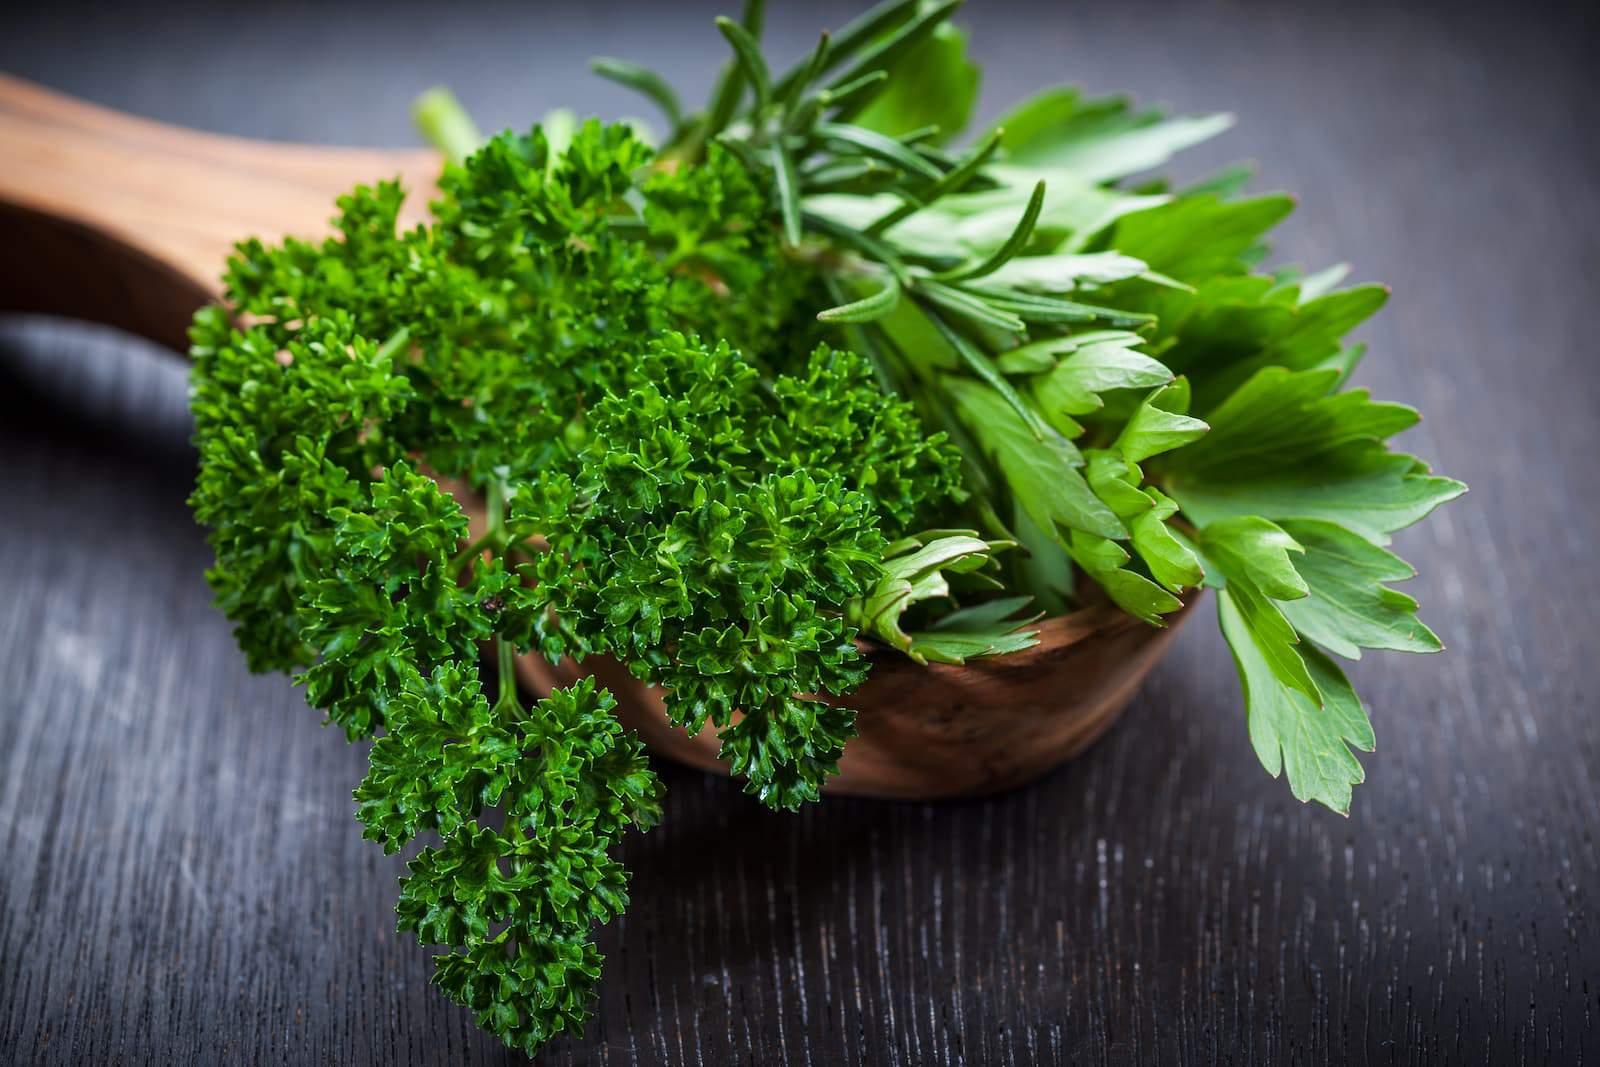 Ngò tây là một loại rau gia vị chứa nhiều vitamin C, collagen và Vitamin K